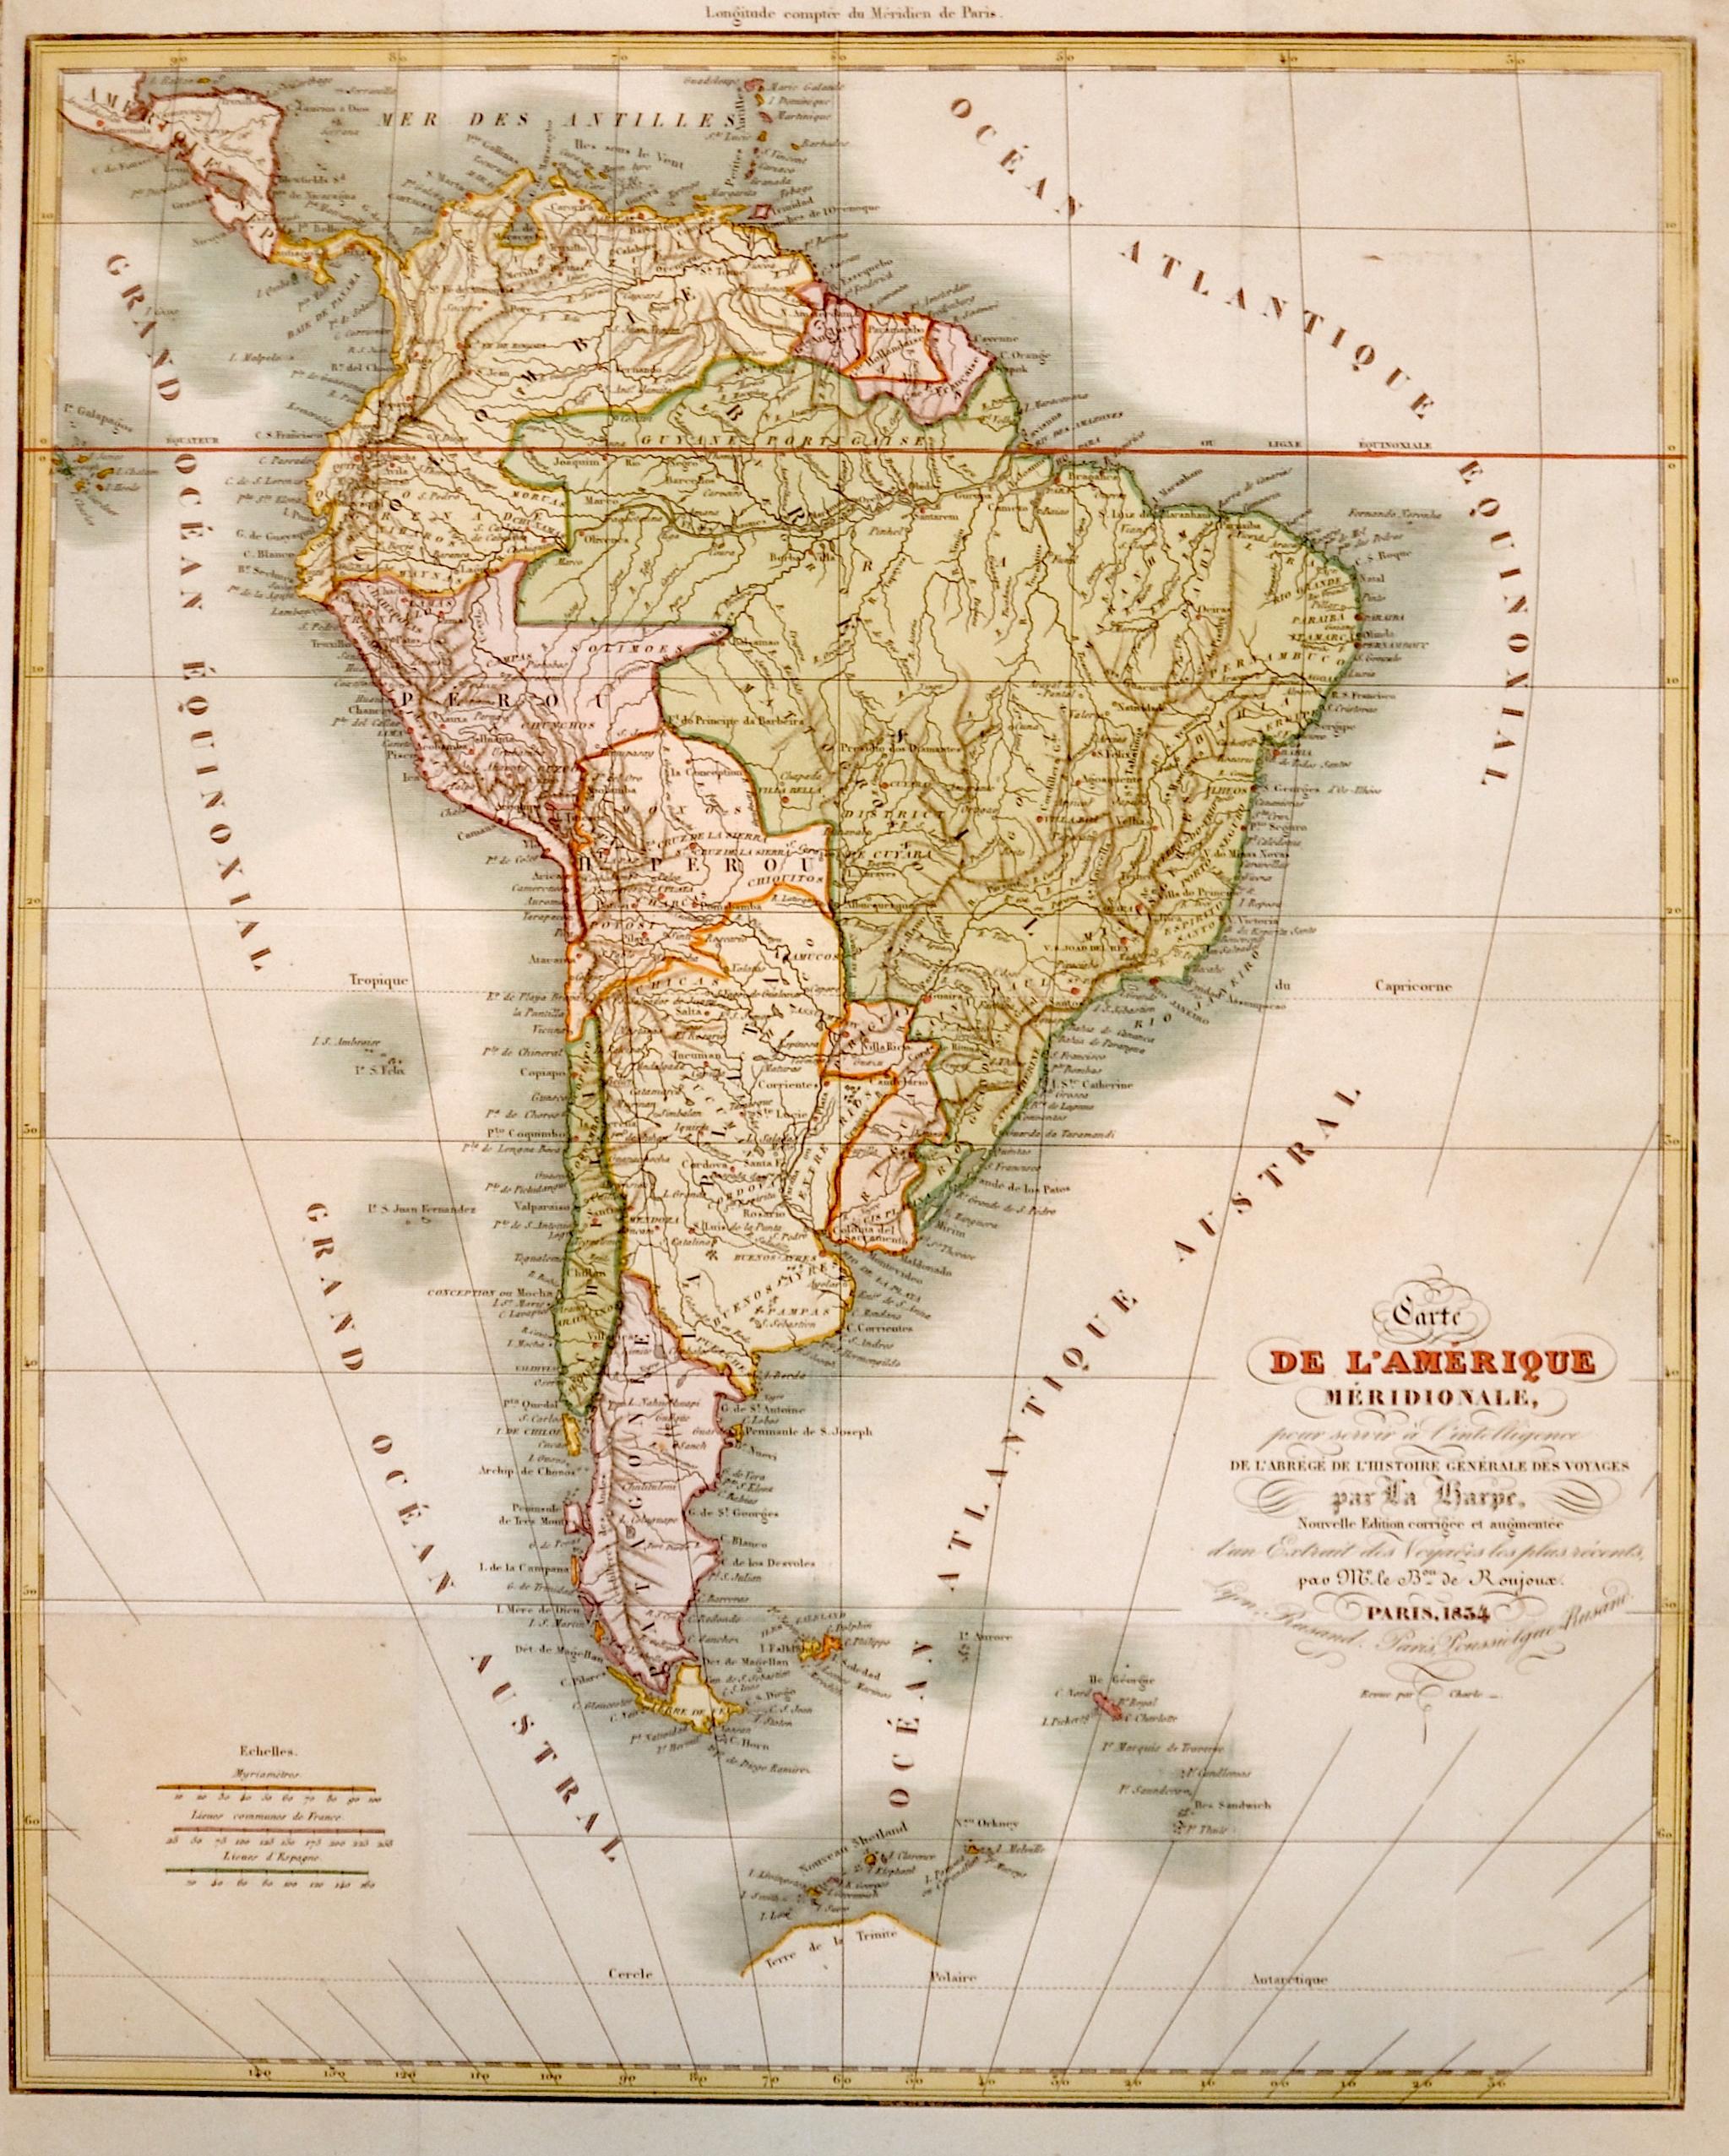 Anonymus  Carte de l'Amérique Méridionale, pour servir à l'intelligence. De l'Abrégé de l'Histoire Genérale des Voyages par La Harpe,